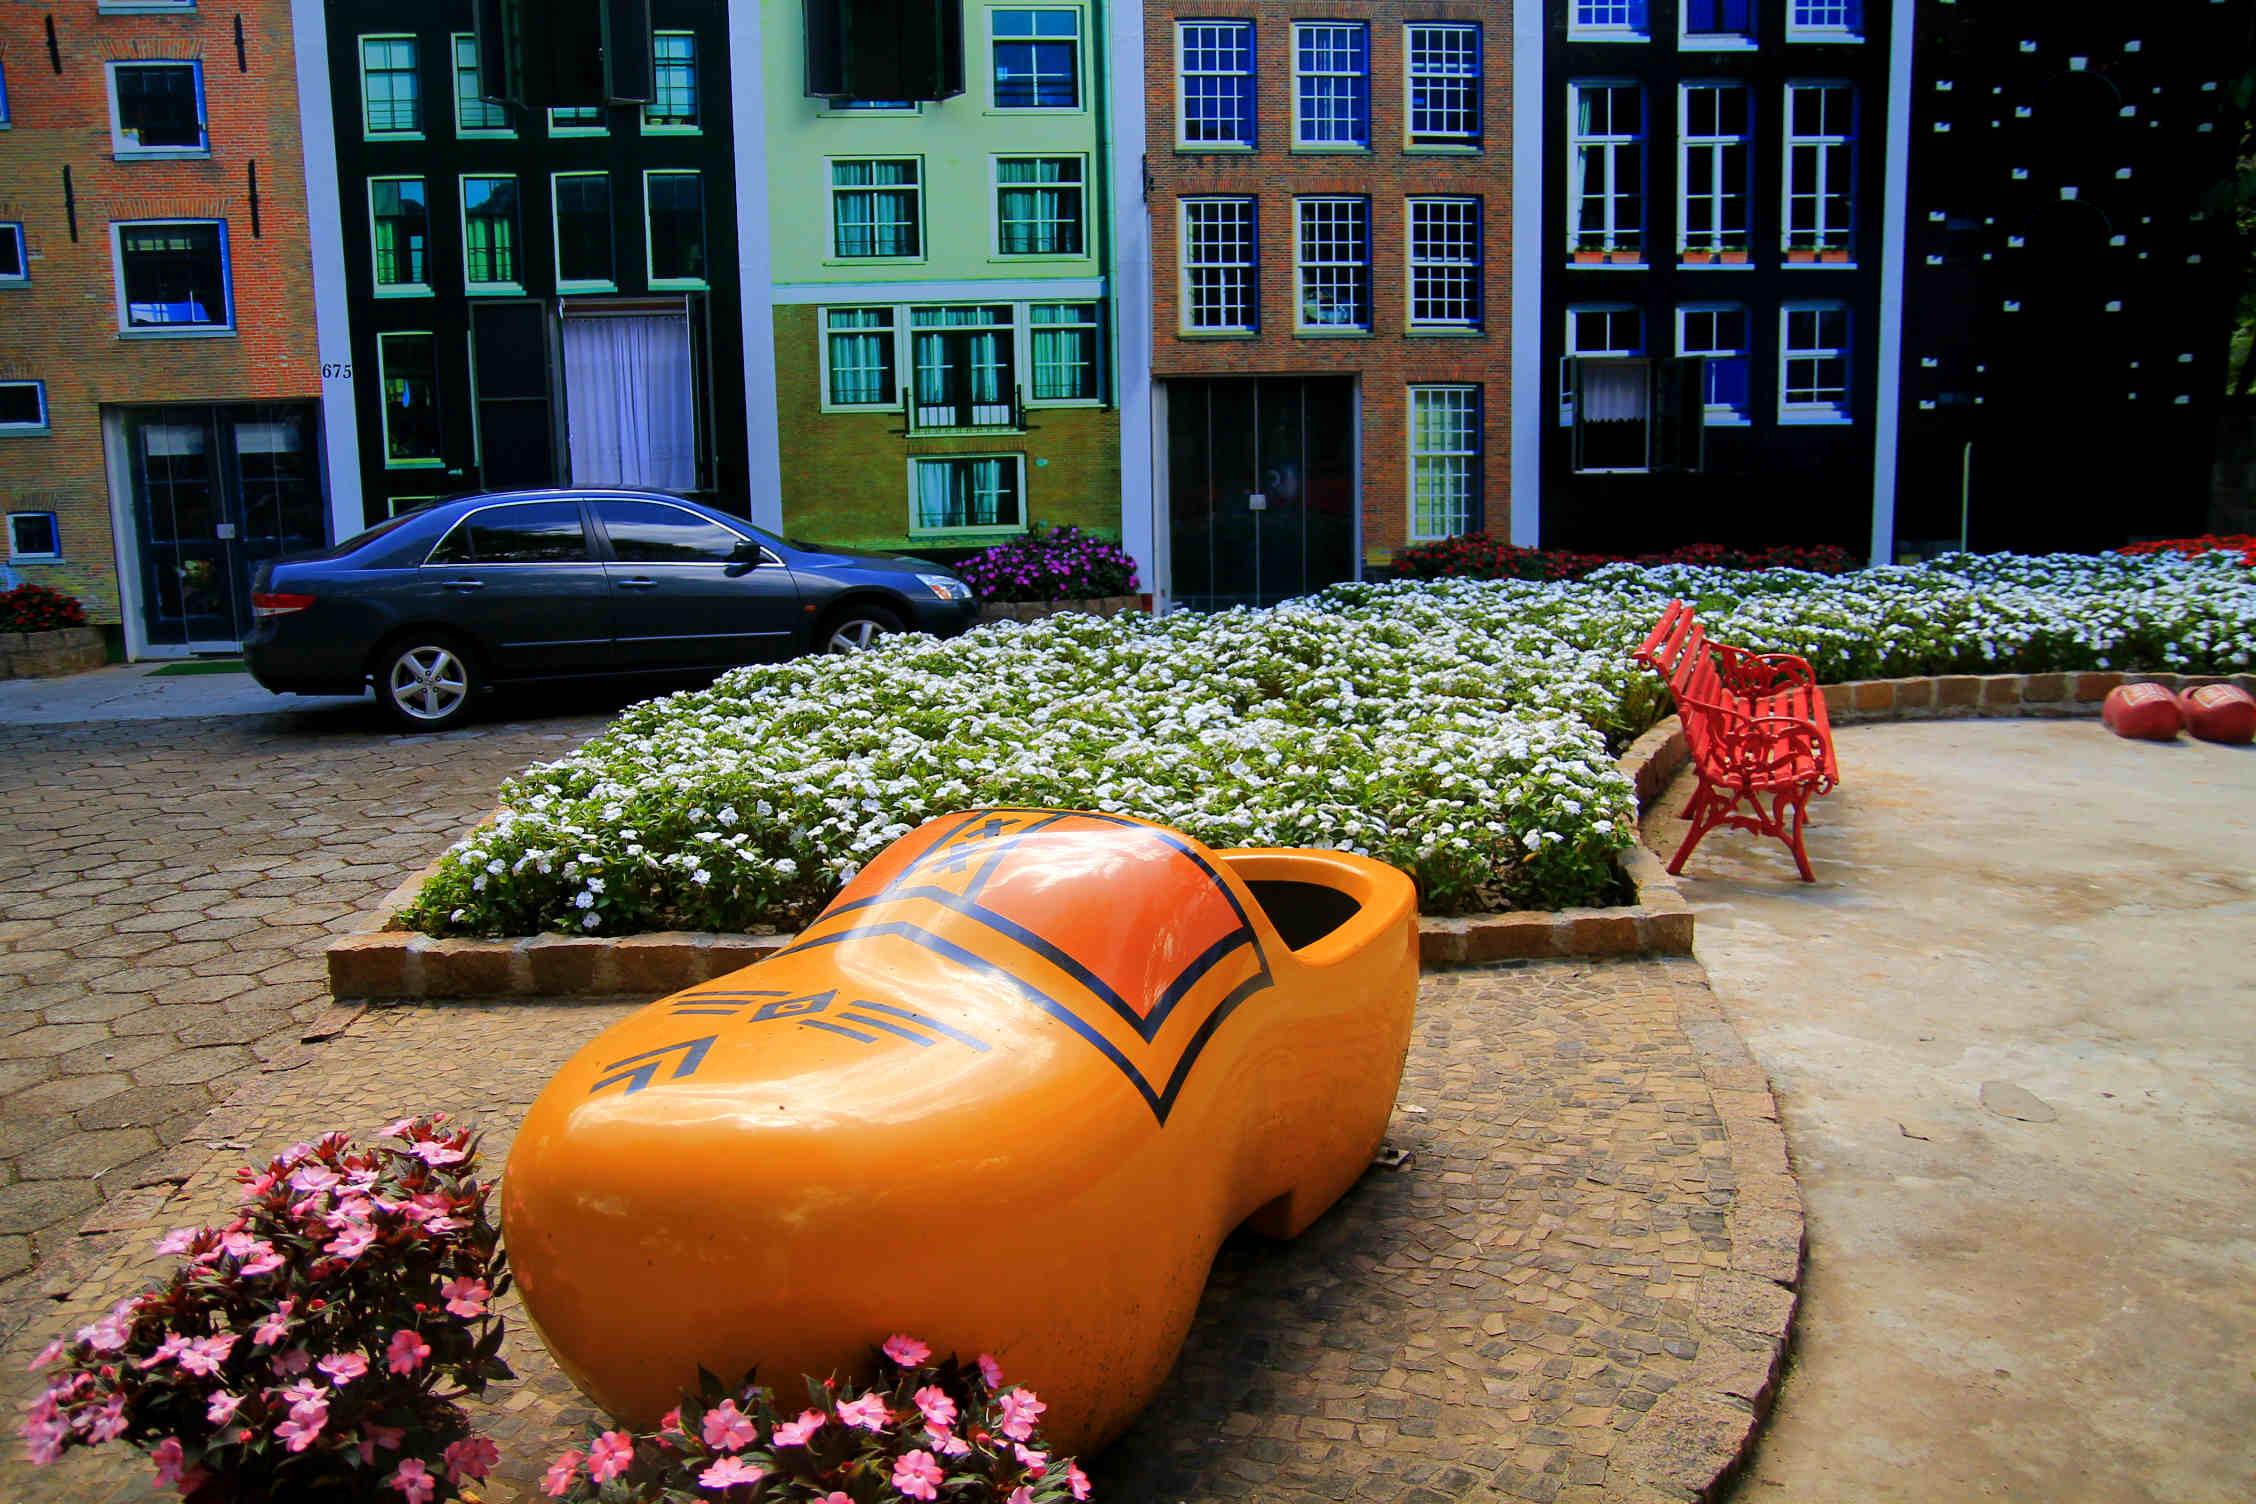 Decoração de ruas e praças remete às tradições holandesas (Foto: Thaís Sabino)